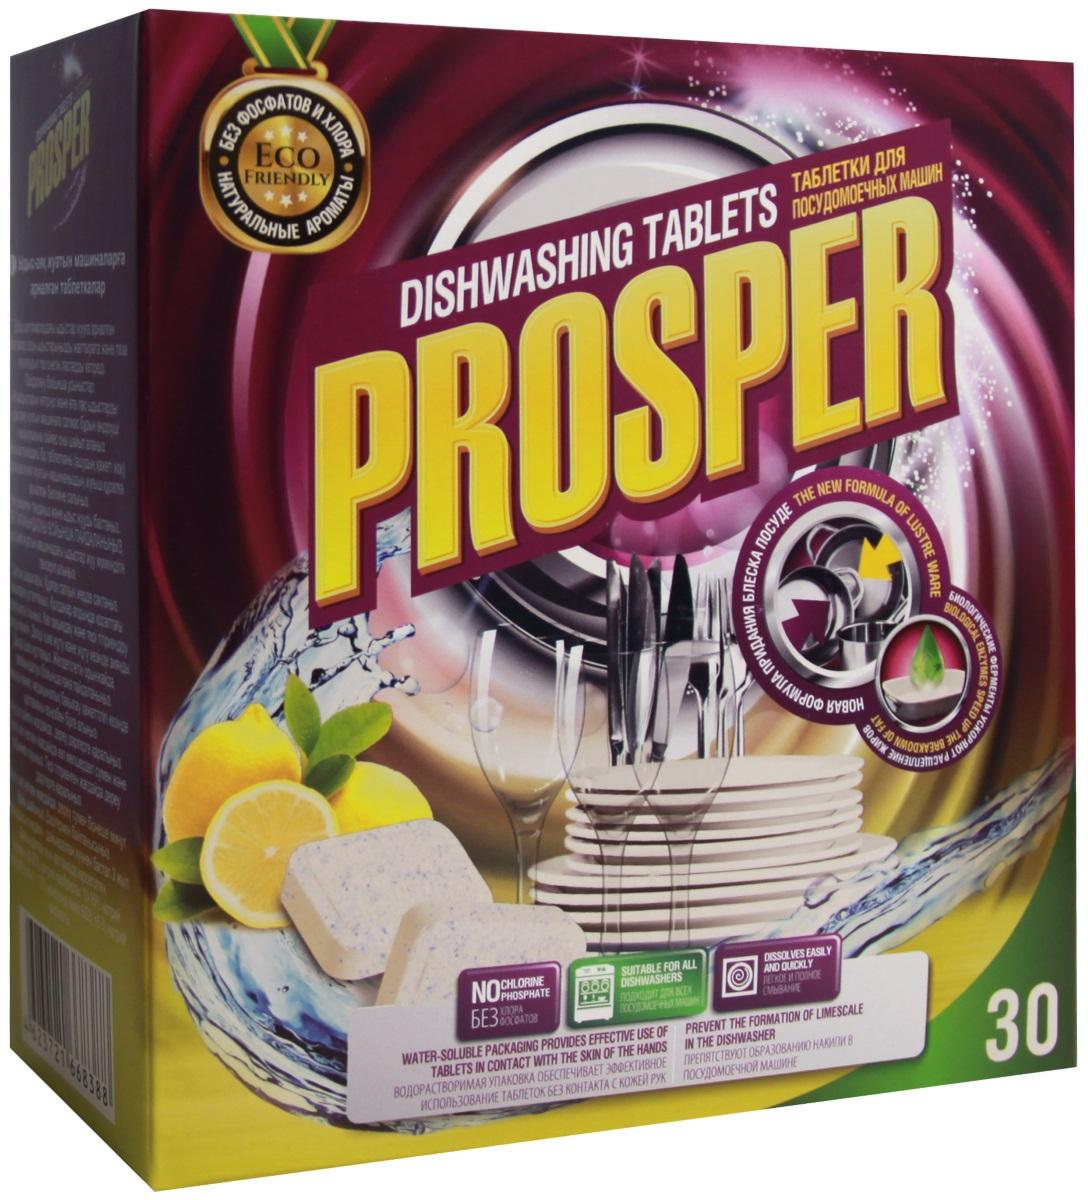 Таблетки для посудомоечных машин PROSPER, с ароматом лимона, 600 г4623721668388- Высокая очищающая способность против жирных и засохщих пятен. - Эффективно удаляют неприятные запахи. - Придают посуде ослепительный блеск. - Входящий в состав таблеток ополаскиватель не оставляет на посуде разводов и известковых пятен. - НЕ СОДЕРЖАТ фосфатов и хлора, не вызывают аллергии и раздражения, безопасны для окружающей среды. - Удобная упаковка: каждая таблетка в отдельной растворимой упаковке. - Эффективны при использовании в жесткой воде. - Предотвращают образование накипи.